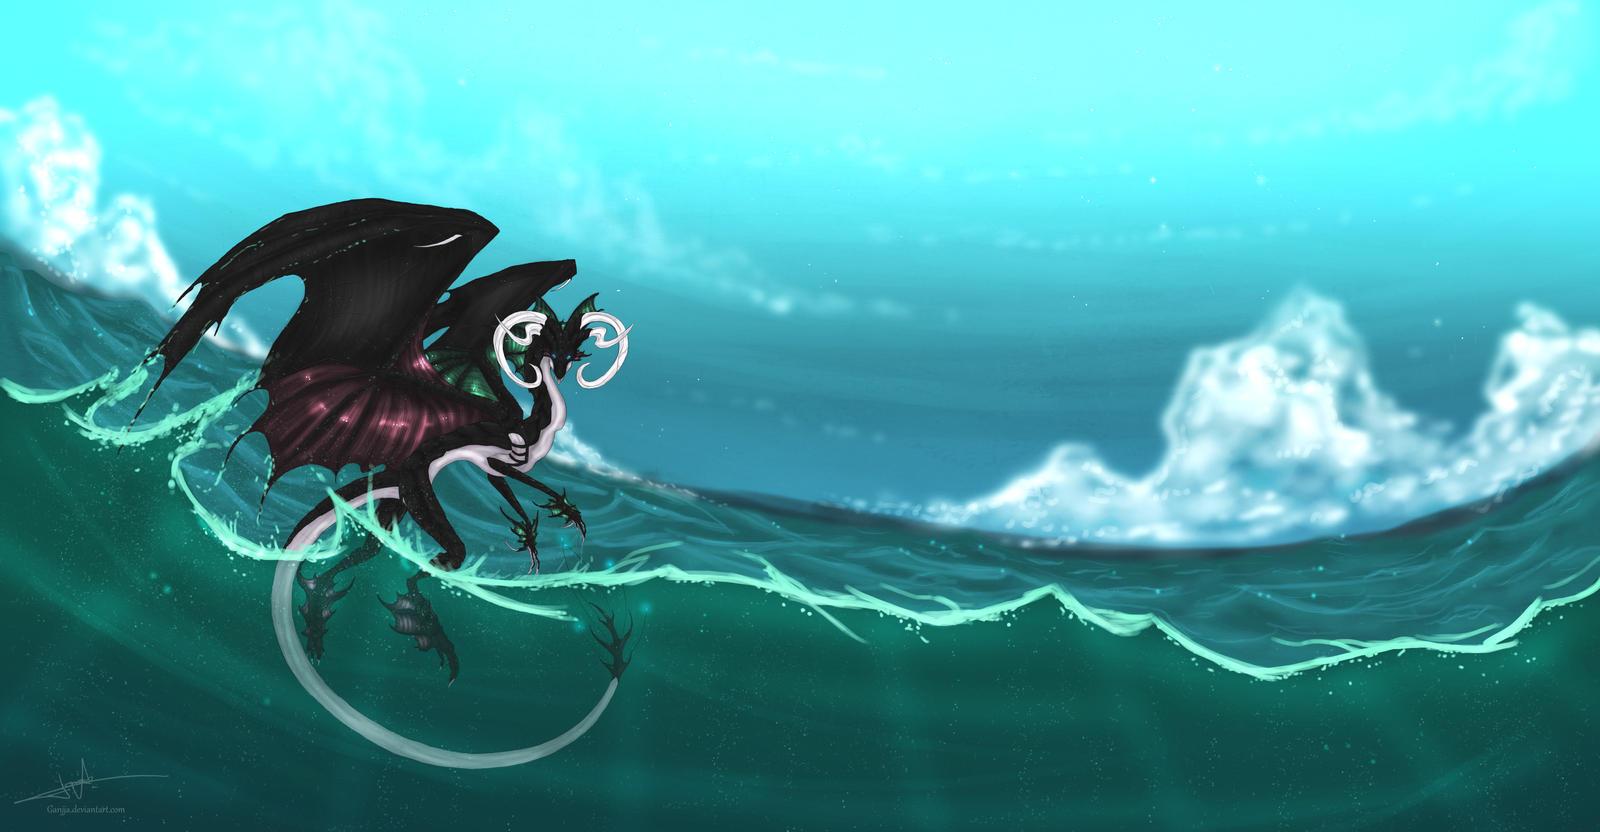 Surfacing by Ganjja